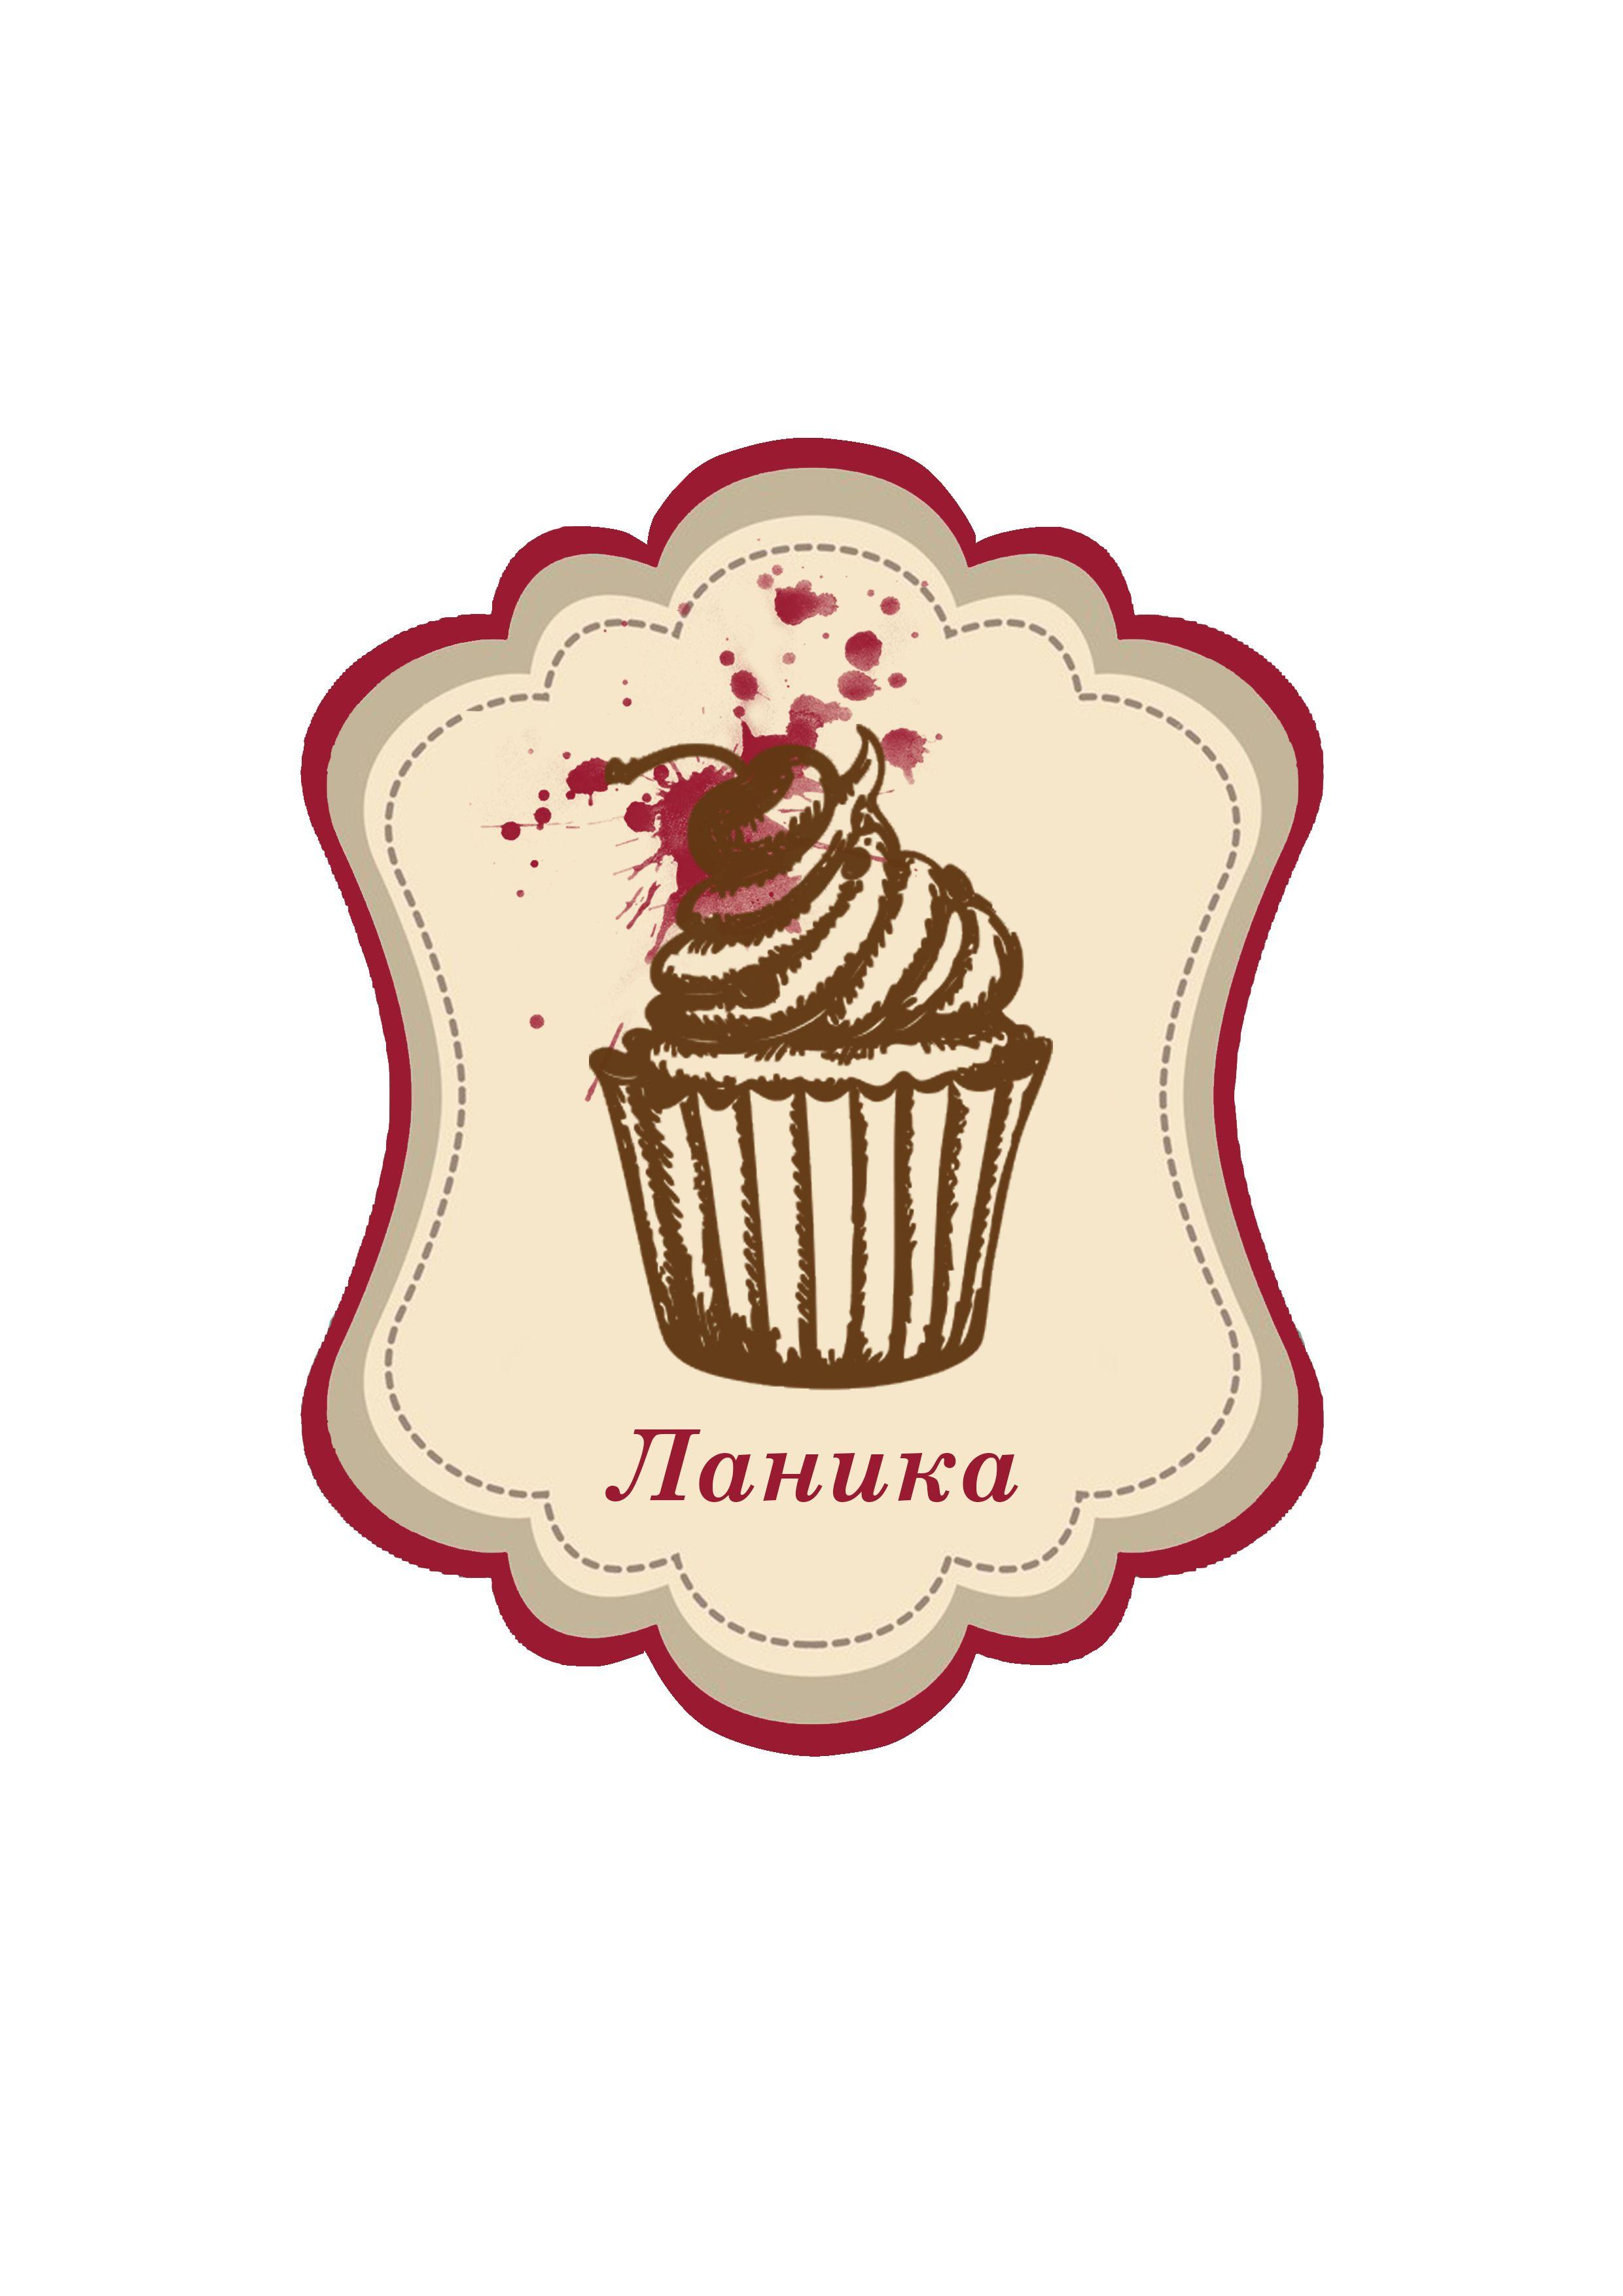 Лого ИМ тортов,пирожных и печенья ручной работы - дизайнер fhyjkmleirf13